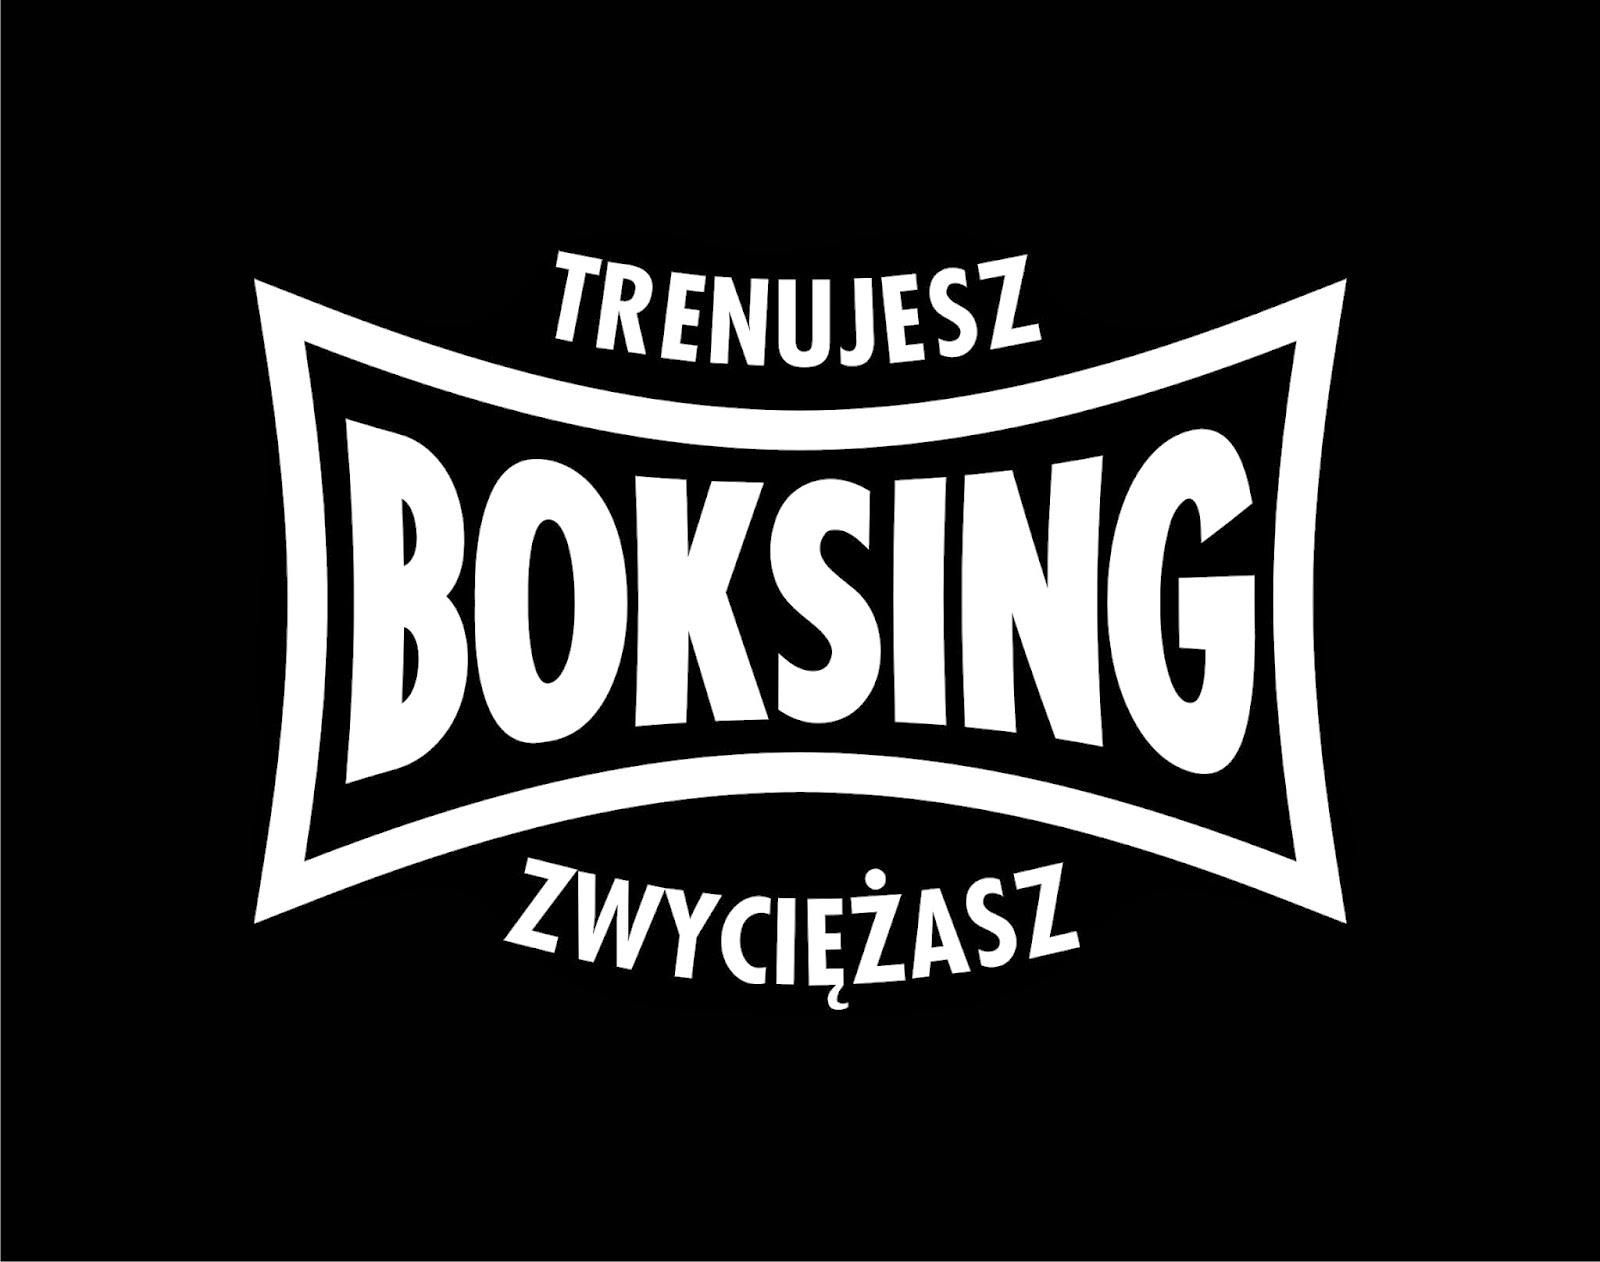 obóz, sport, trening, ferie, k-1, boks, kickboxing, muay thai, dzieci młodzież dorośli, kobiety, mężczyźni